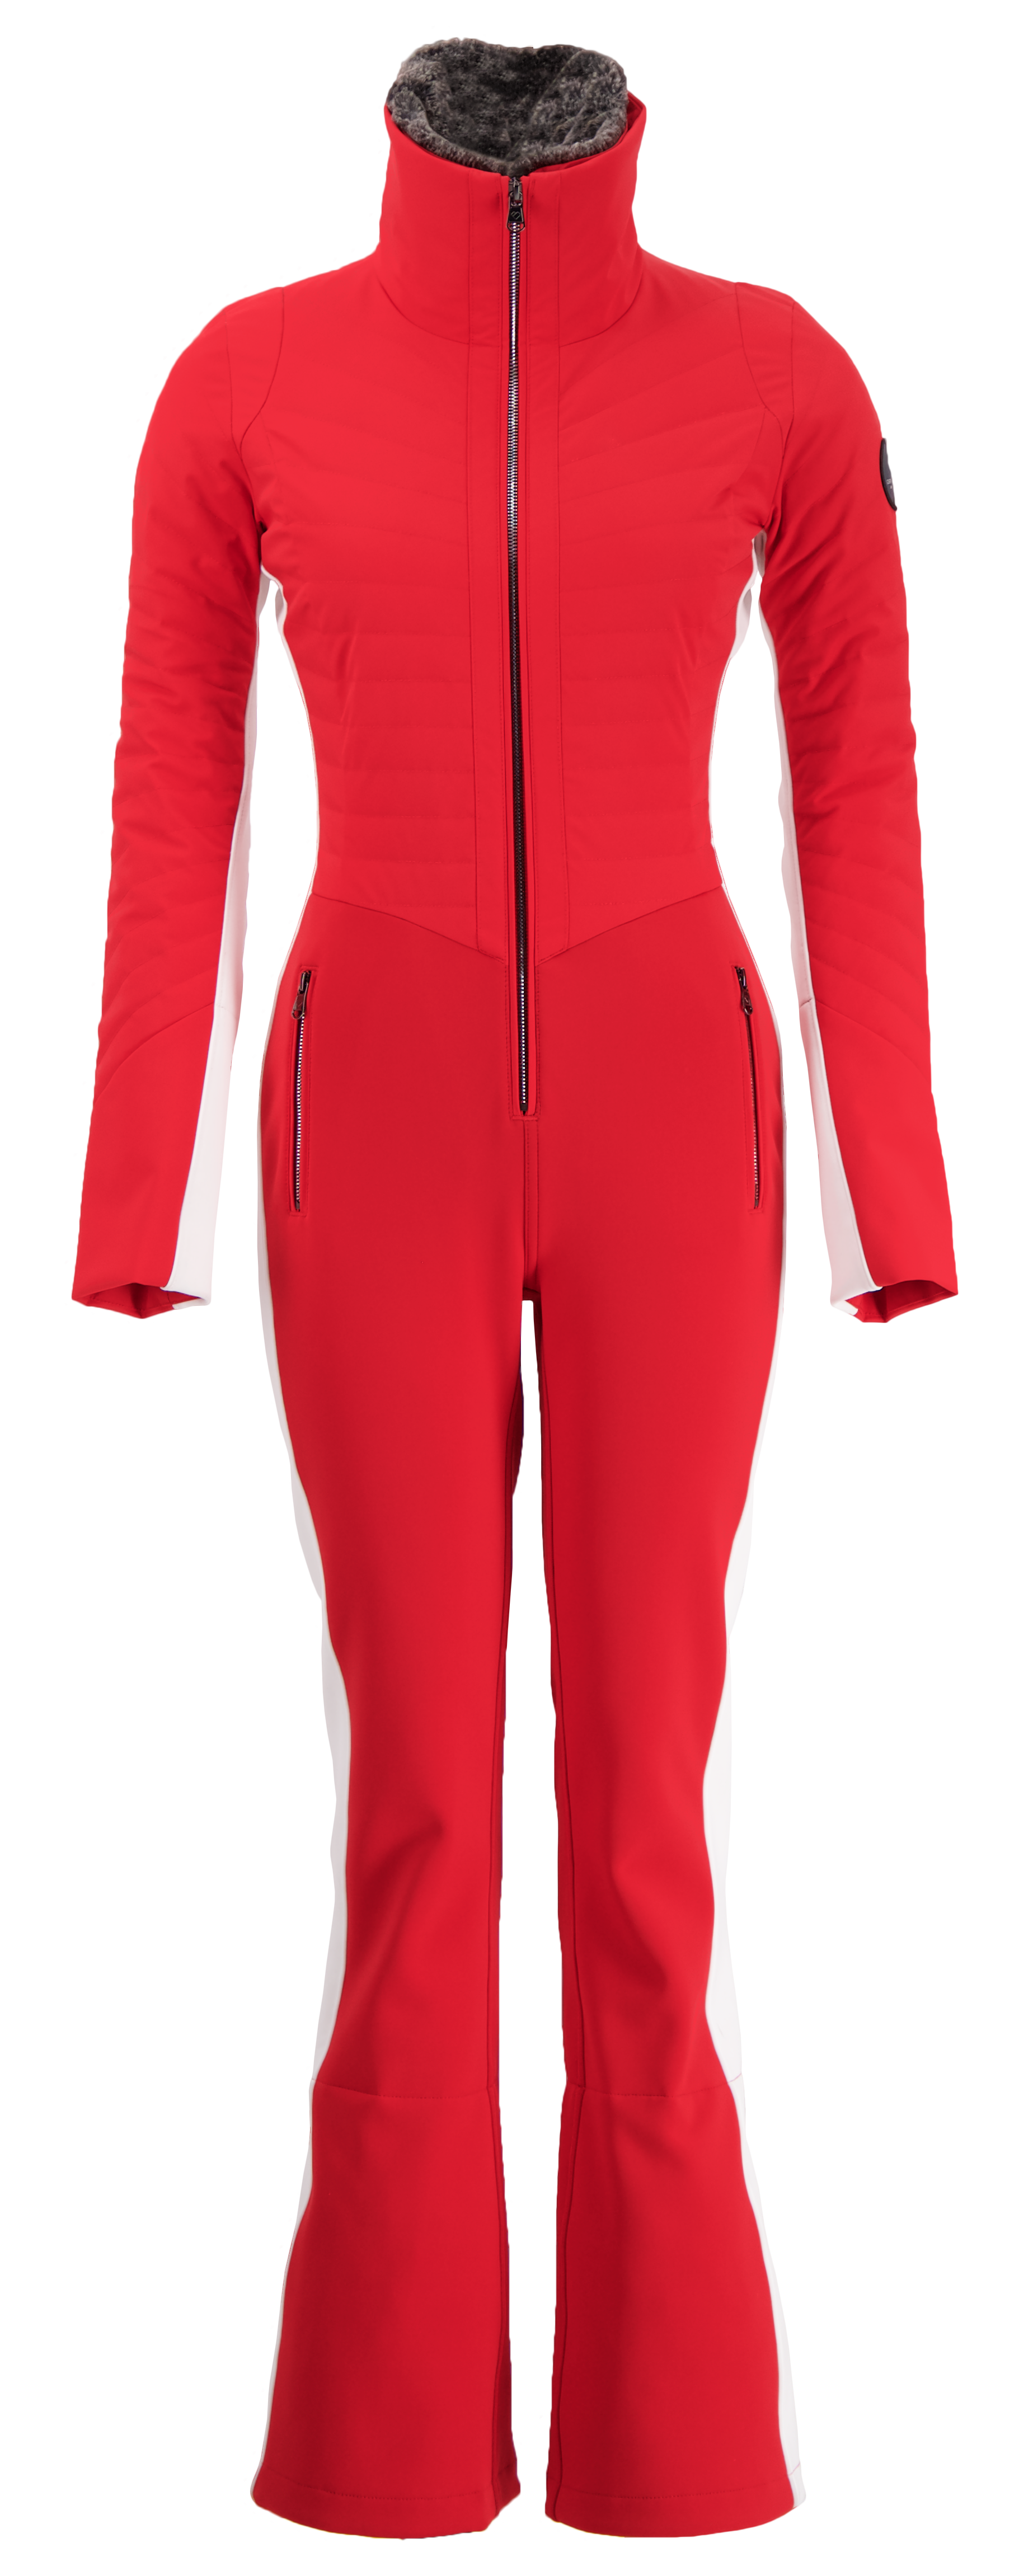 U.S. Ski Team thumb